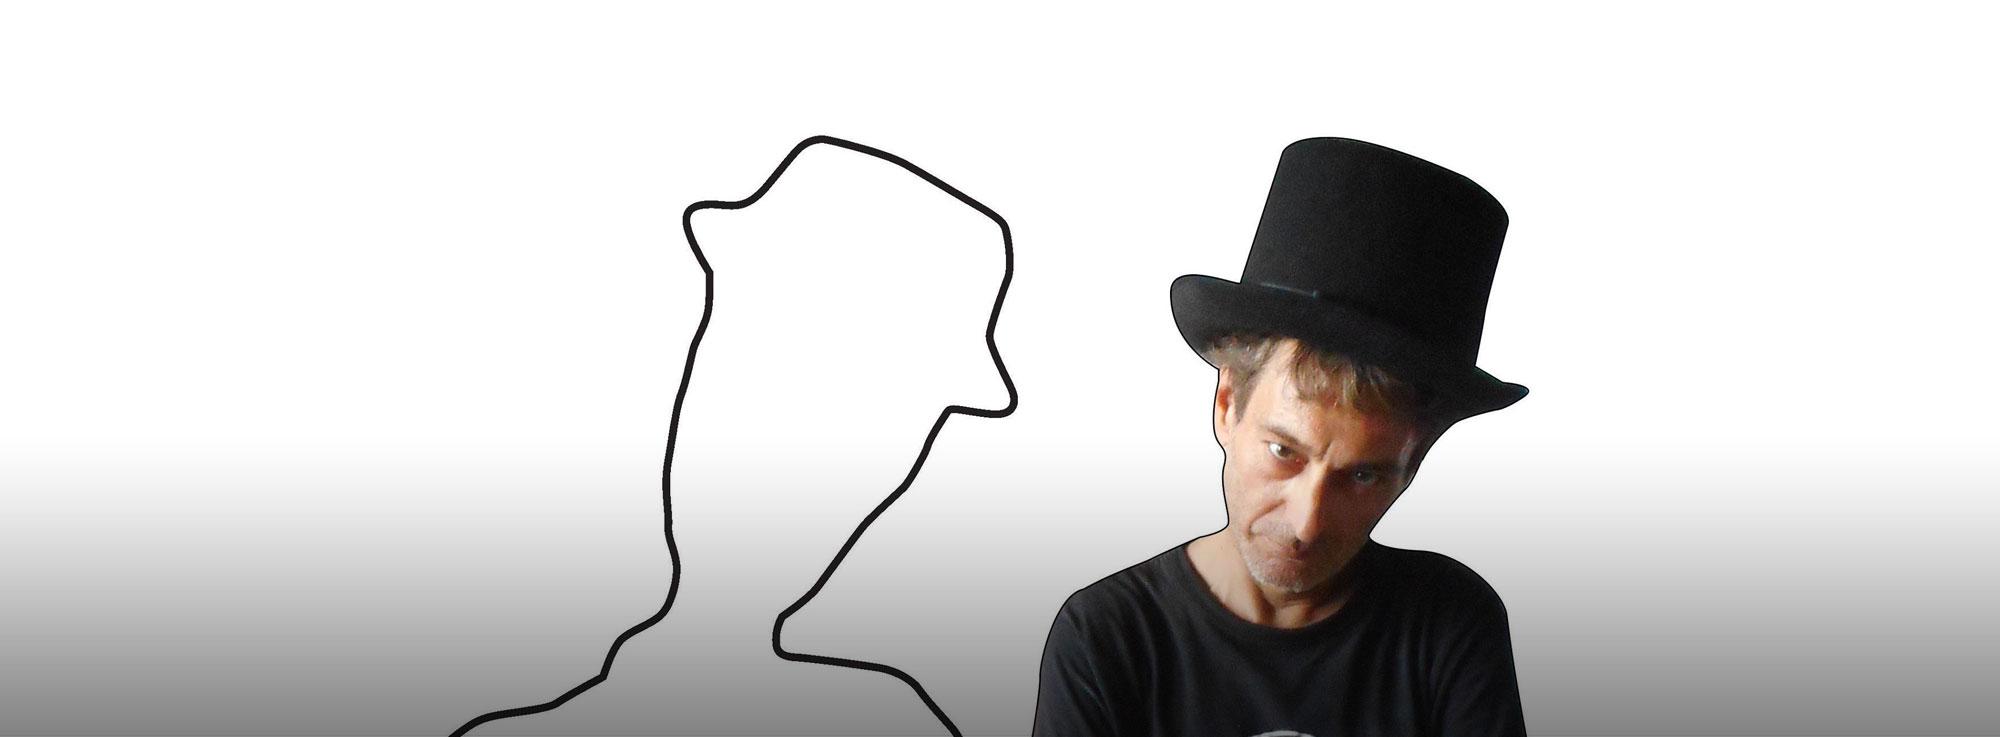 Massafra: La mia parte peggiore - Daniele di Maglie live